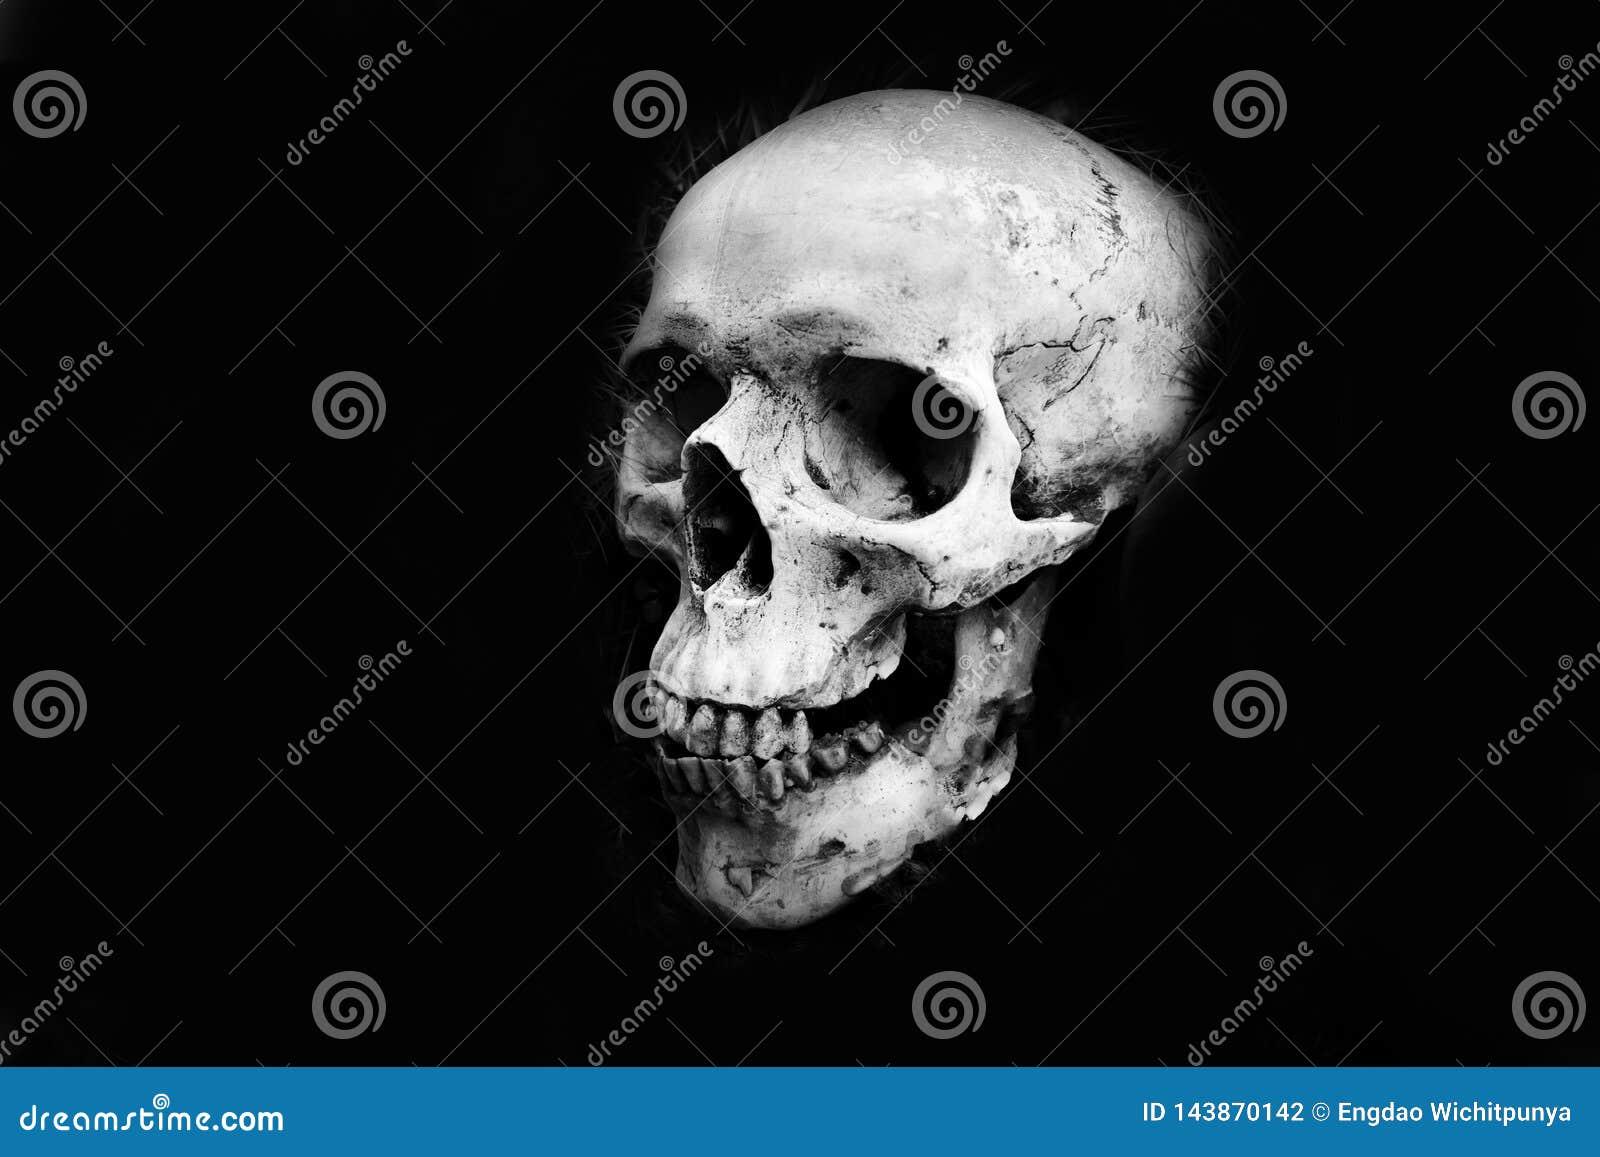 Tête humaine de crâne sur le fond noir foncé - monochrome